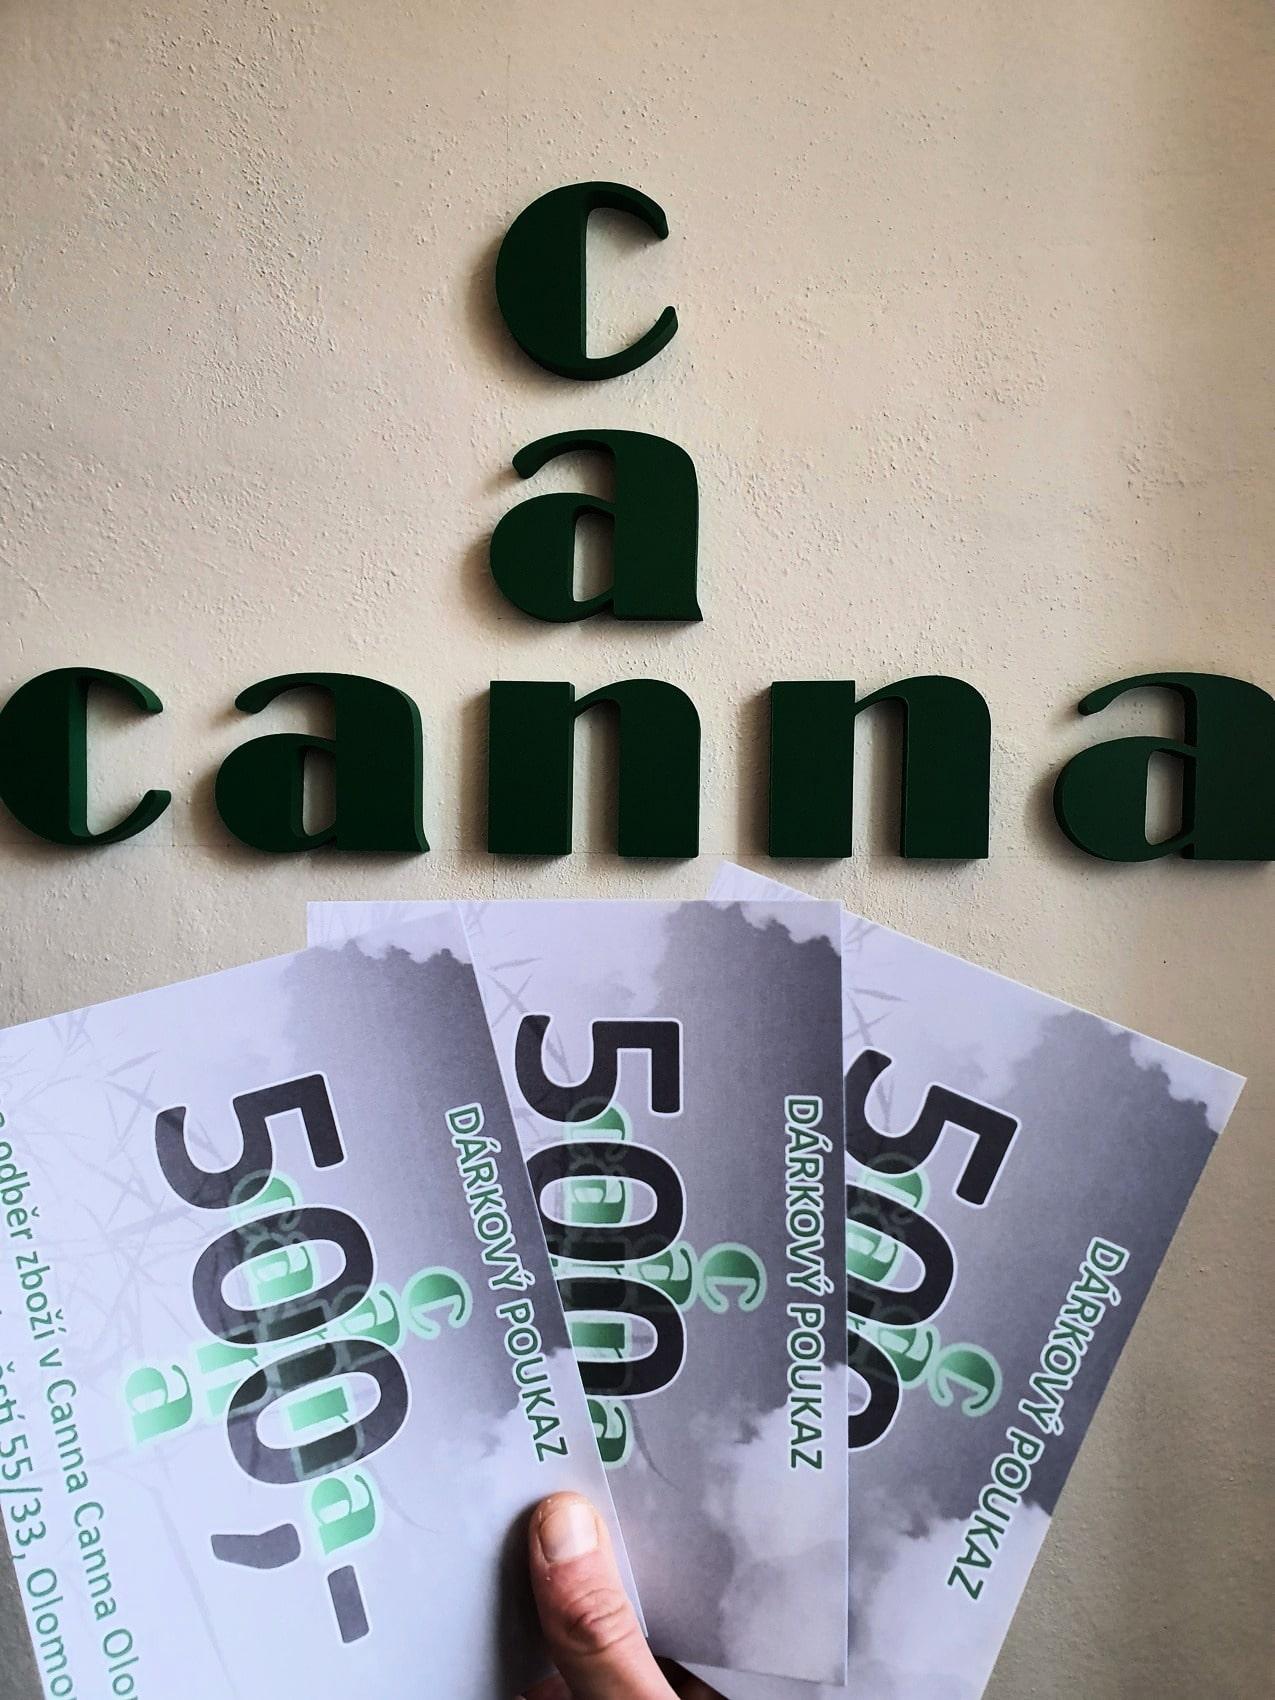 3x voucher na 500 Kč do Canna Canna v Olomouci! - nejpripojeni.cz